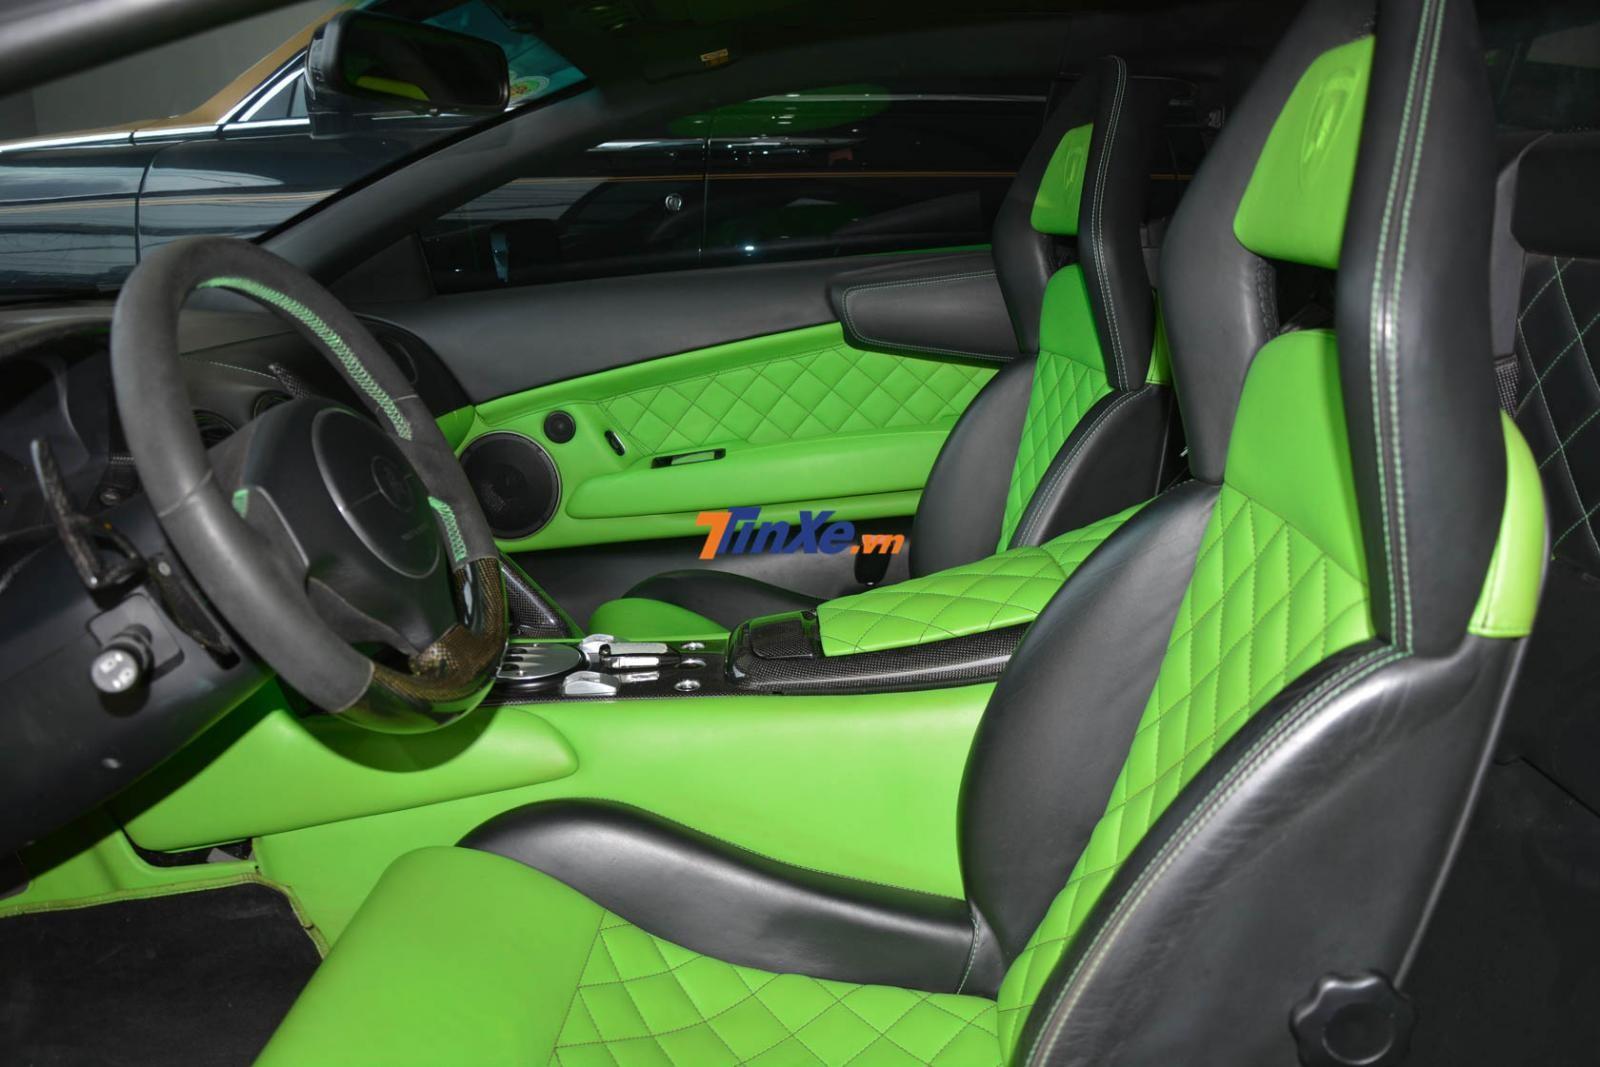 Nội thất siêu xe Lamborghini Murcielago LP640 màu xanh Verde Ithaca mới đổi sang màu đen